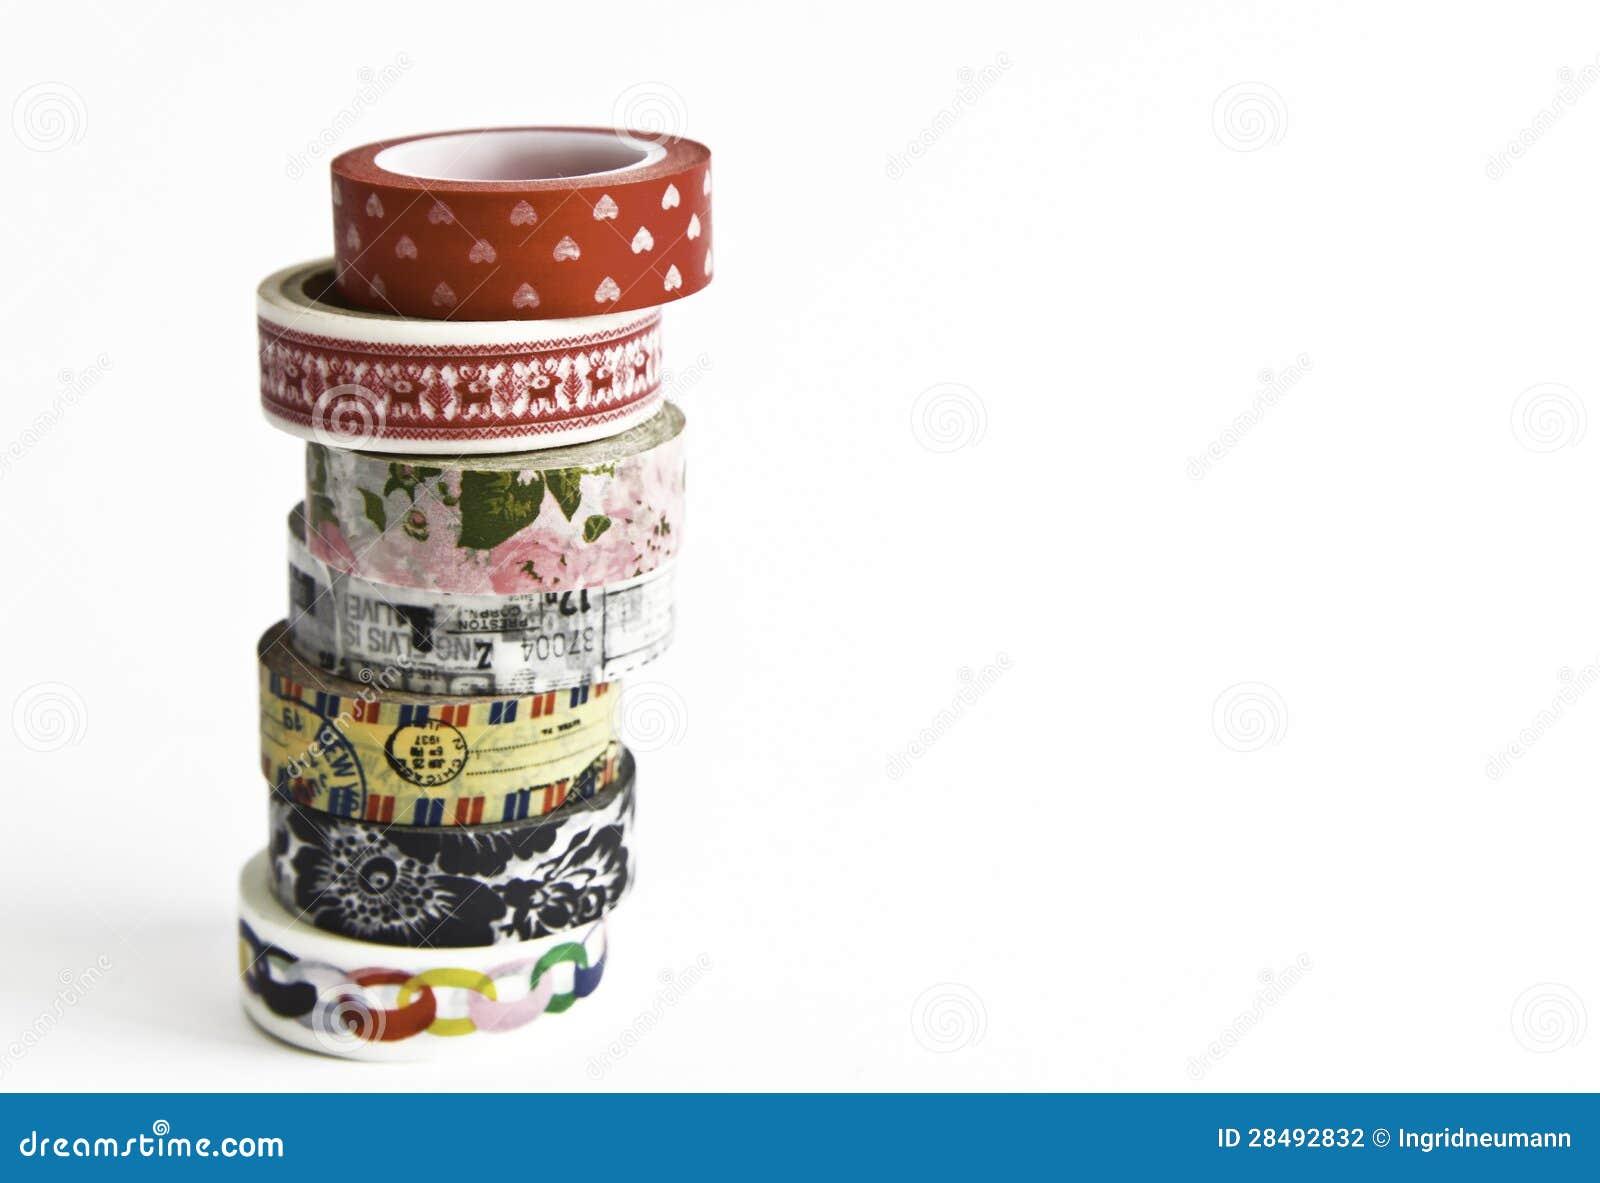 Decoration masking tape stock photography image 28492832 - Decoration masking tape ...